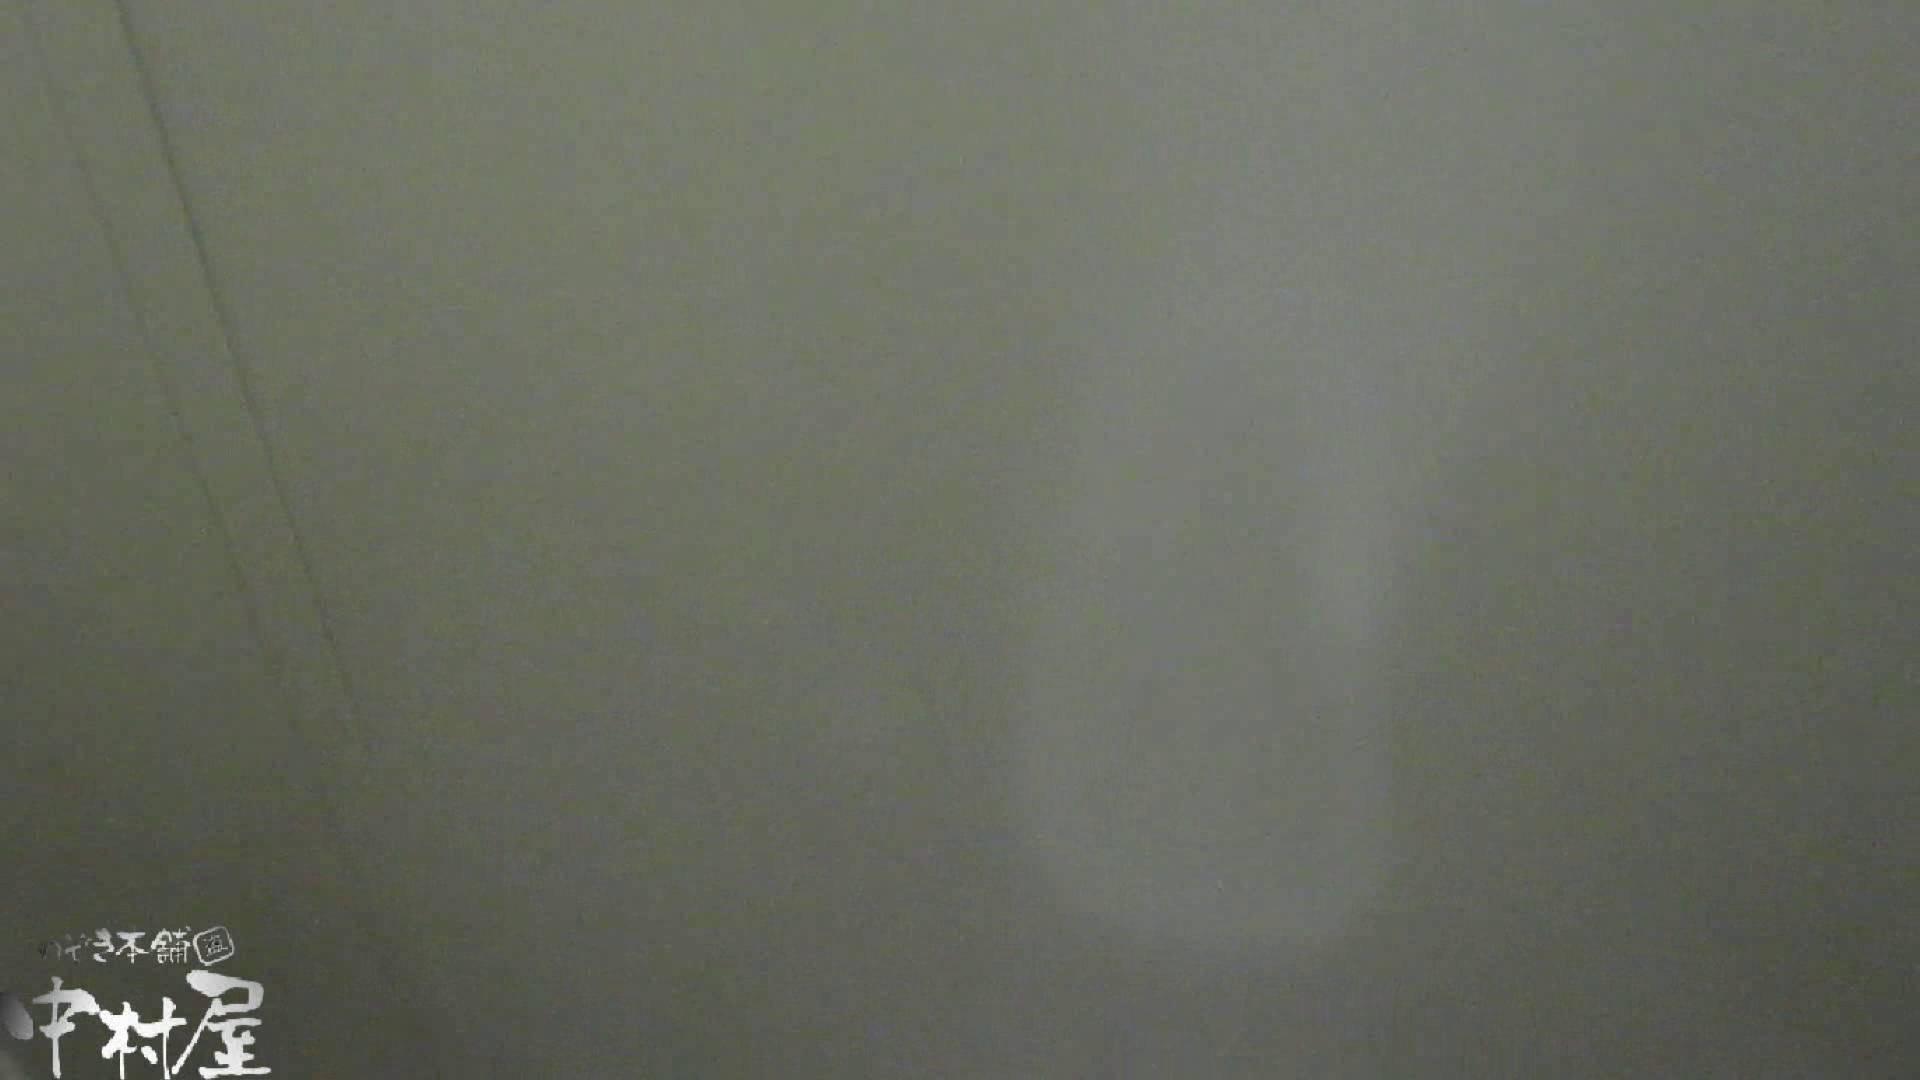 魂のかわや盗撮62連発! 三方向から黄金水噴射! 18発目! 黄金水   盗撮シリーズ  89PIX 21